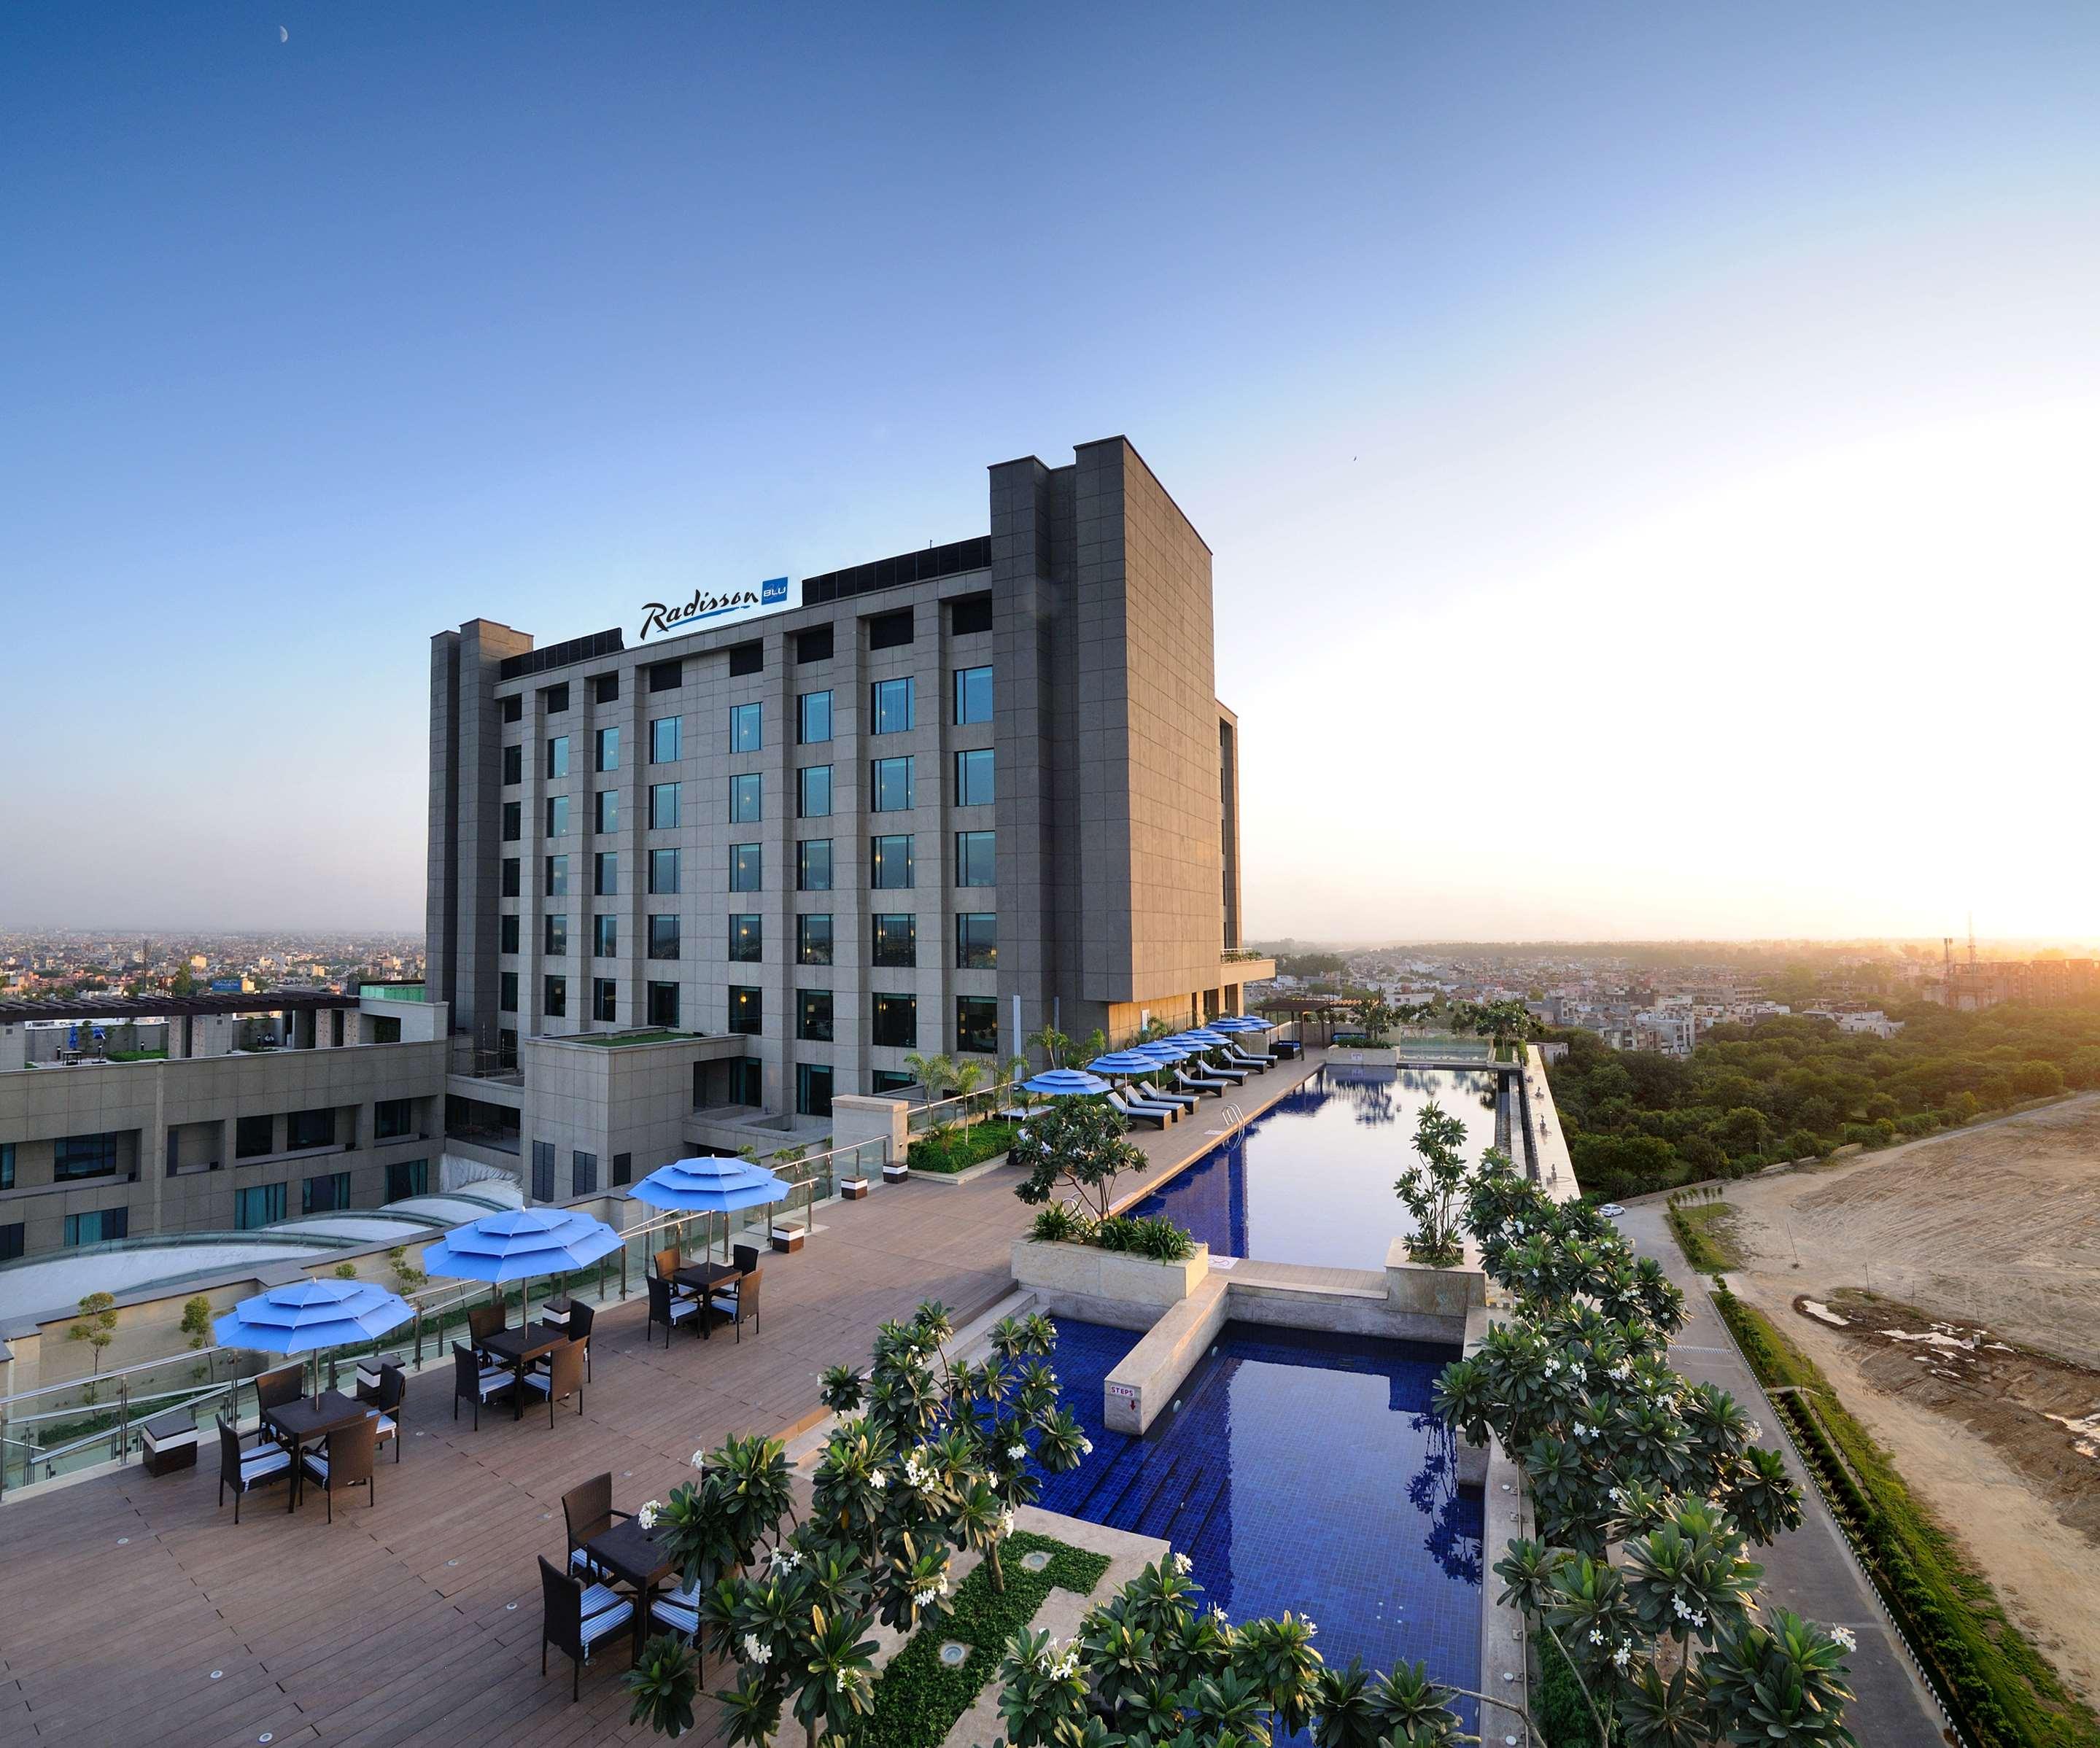 West Delhi Hotels | Radisson Blu Hotel New Delhi Paschim Vihar